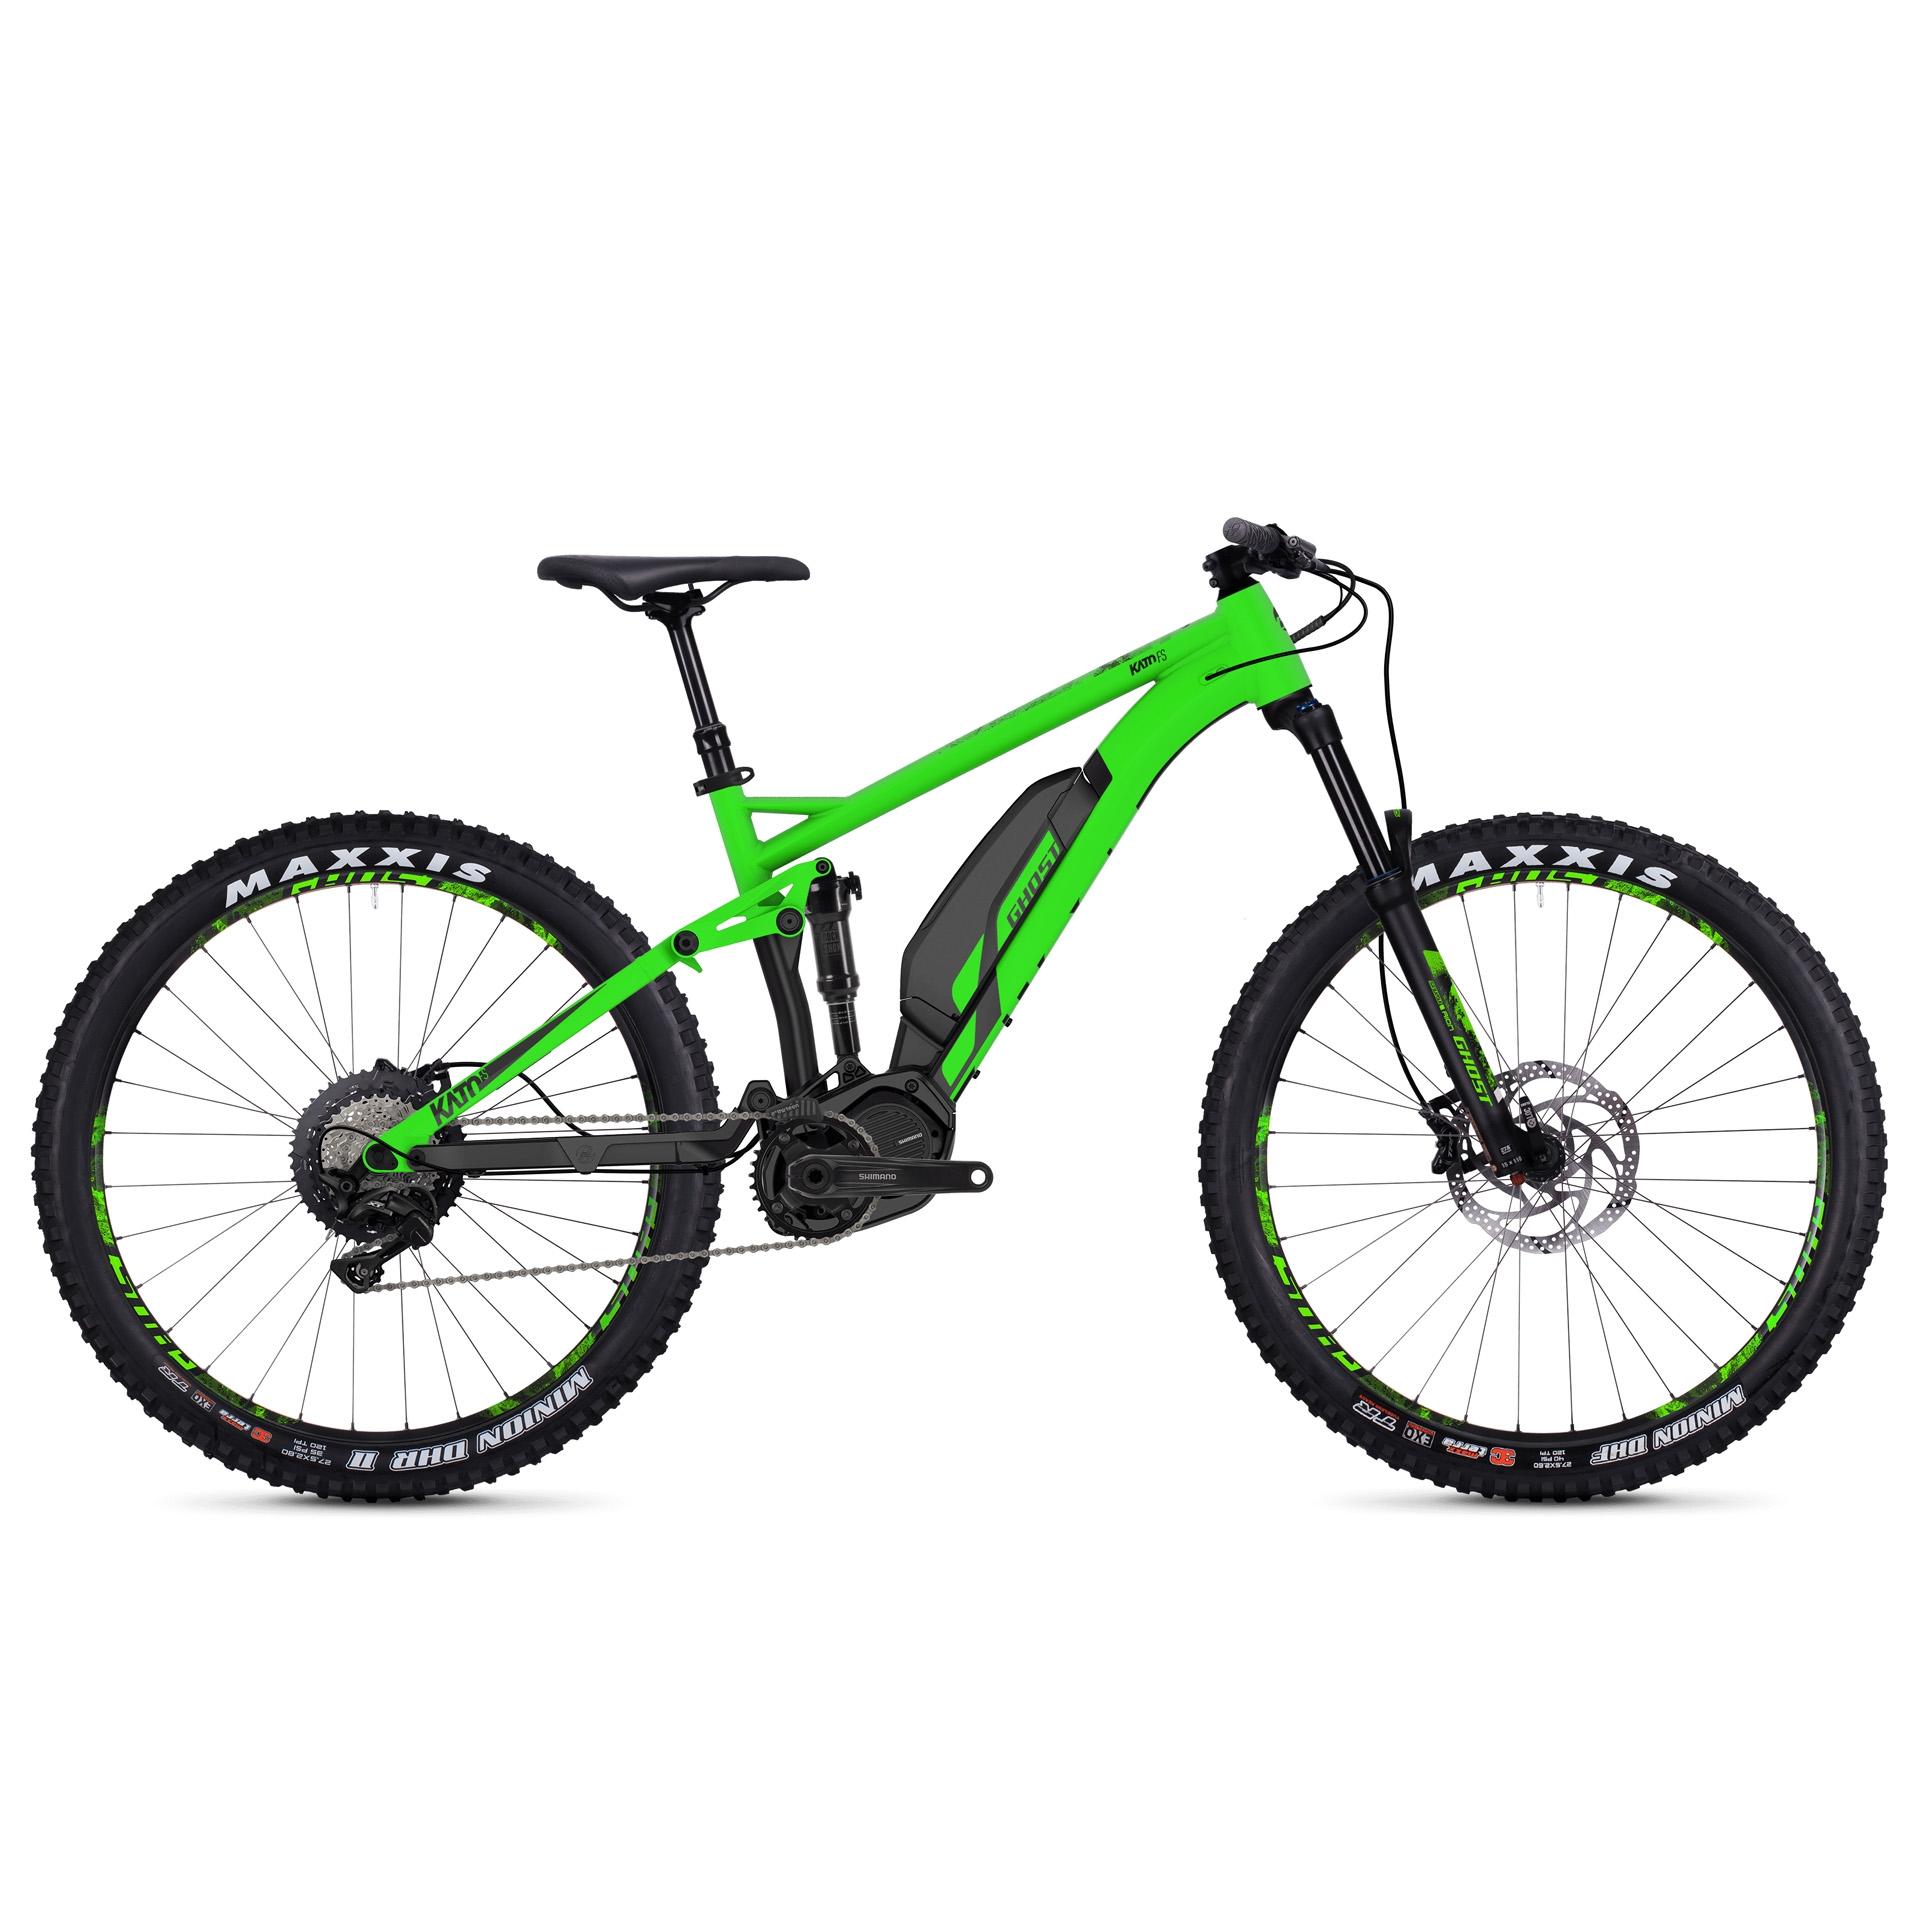 VTT électrique Ghost Kato FS S4.7+ AL Vert-Noir - M